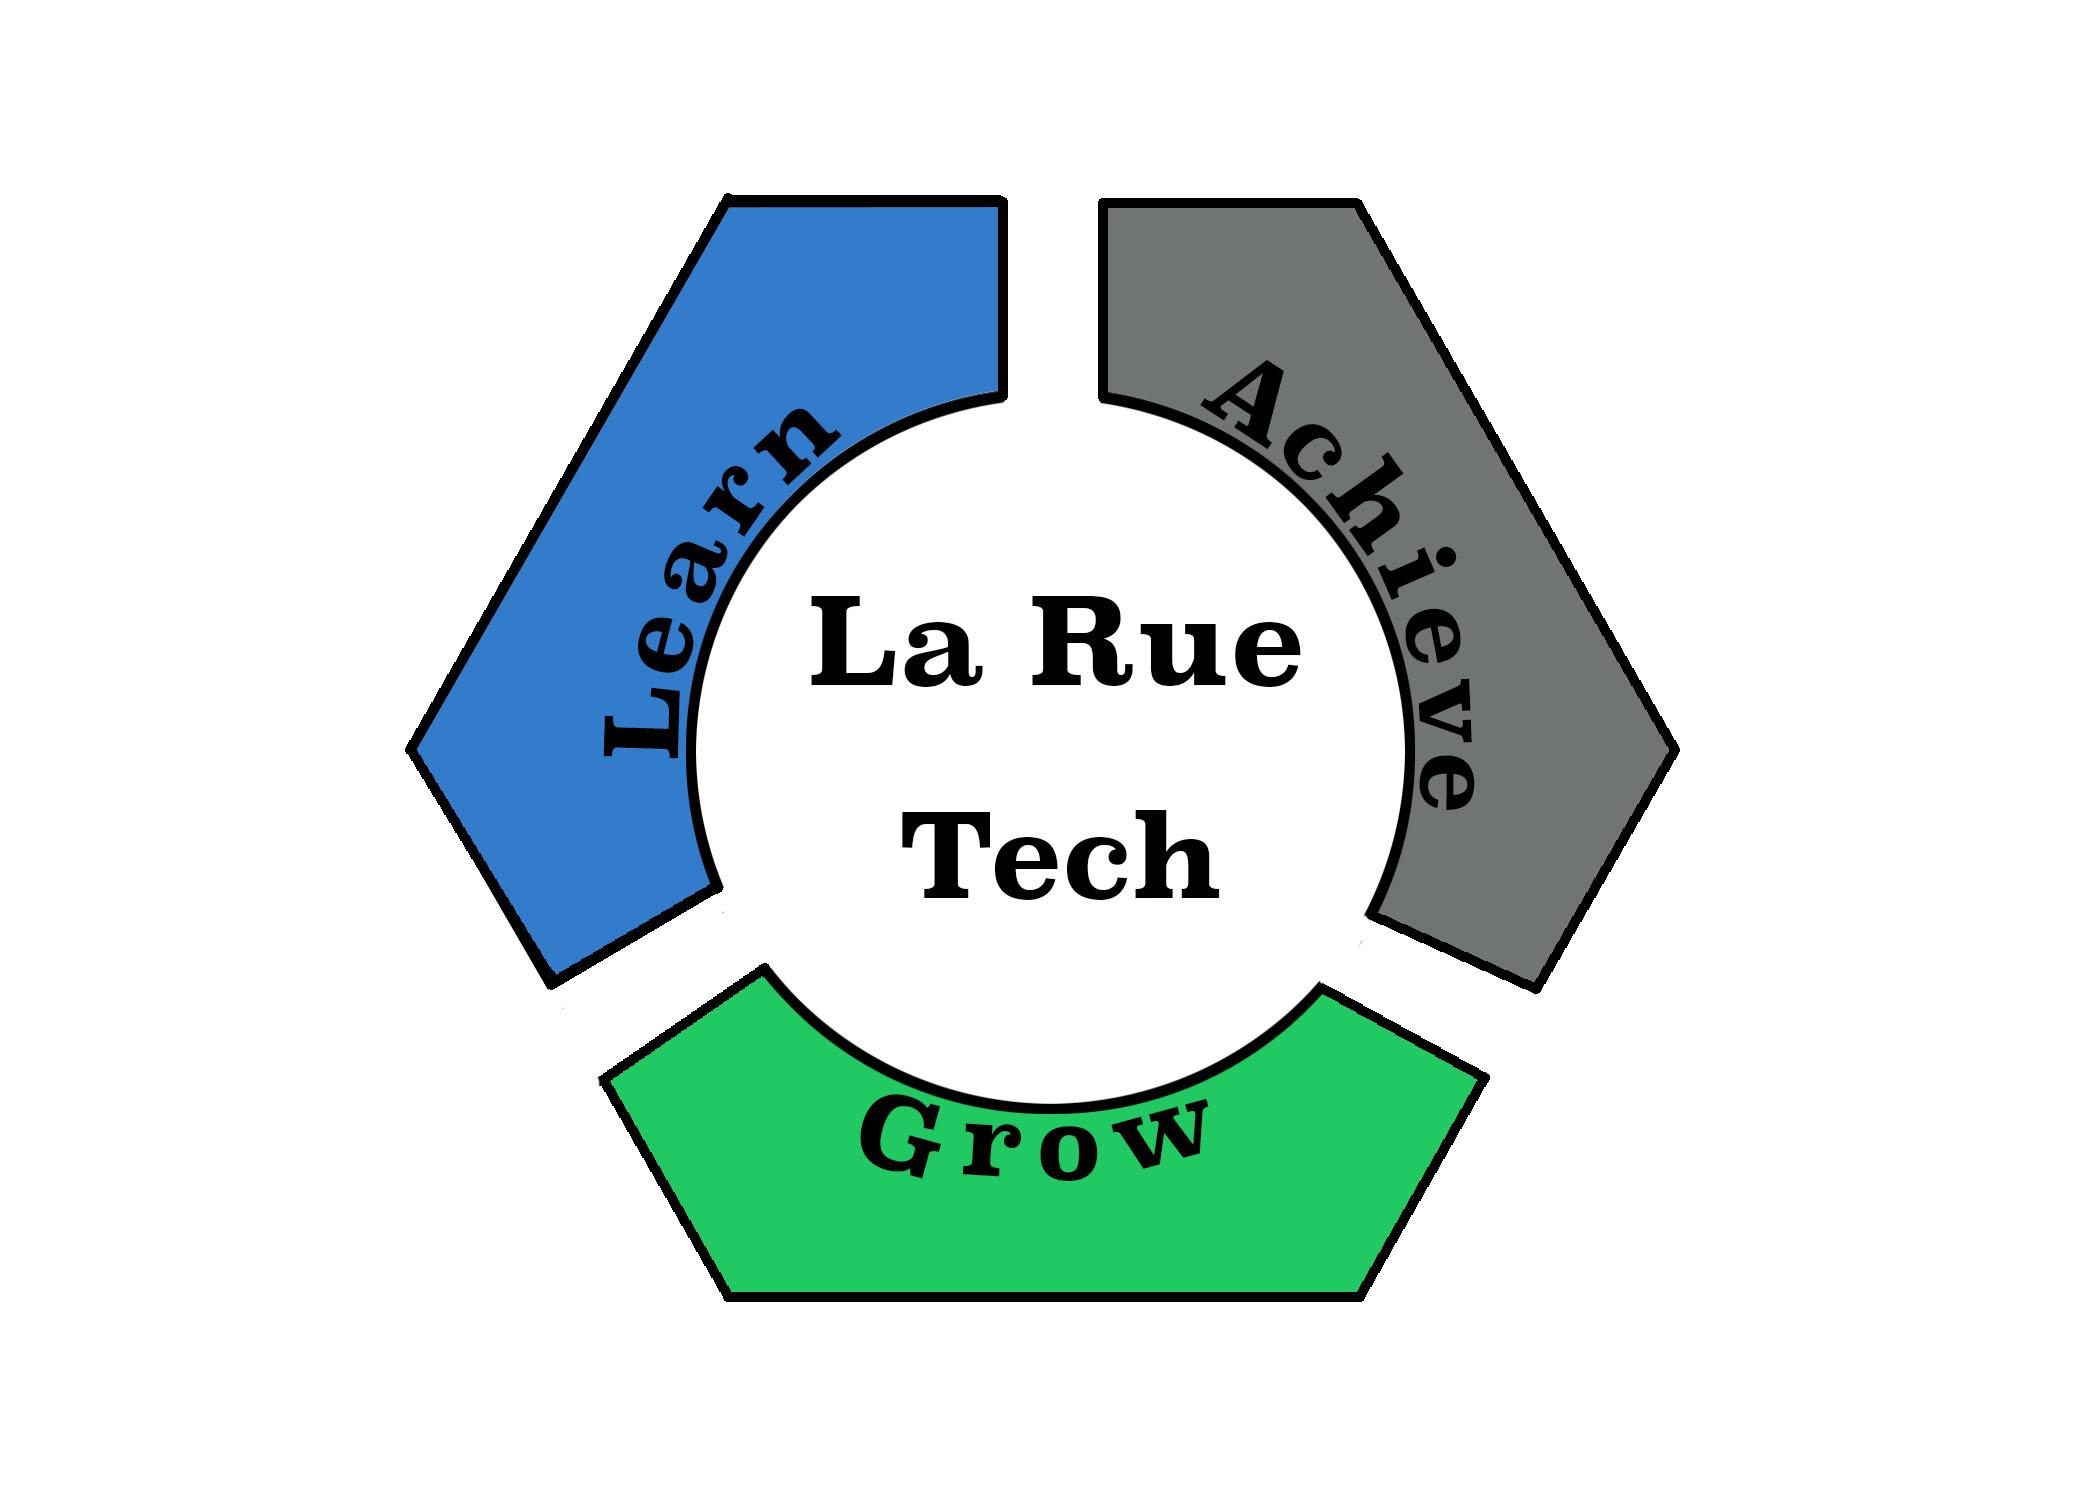 LaRue Tech